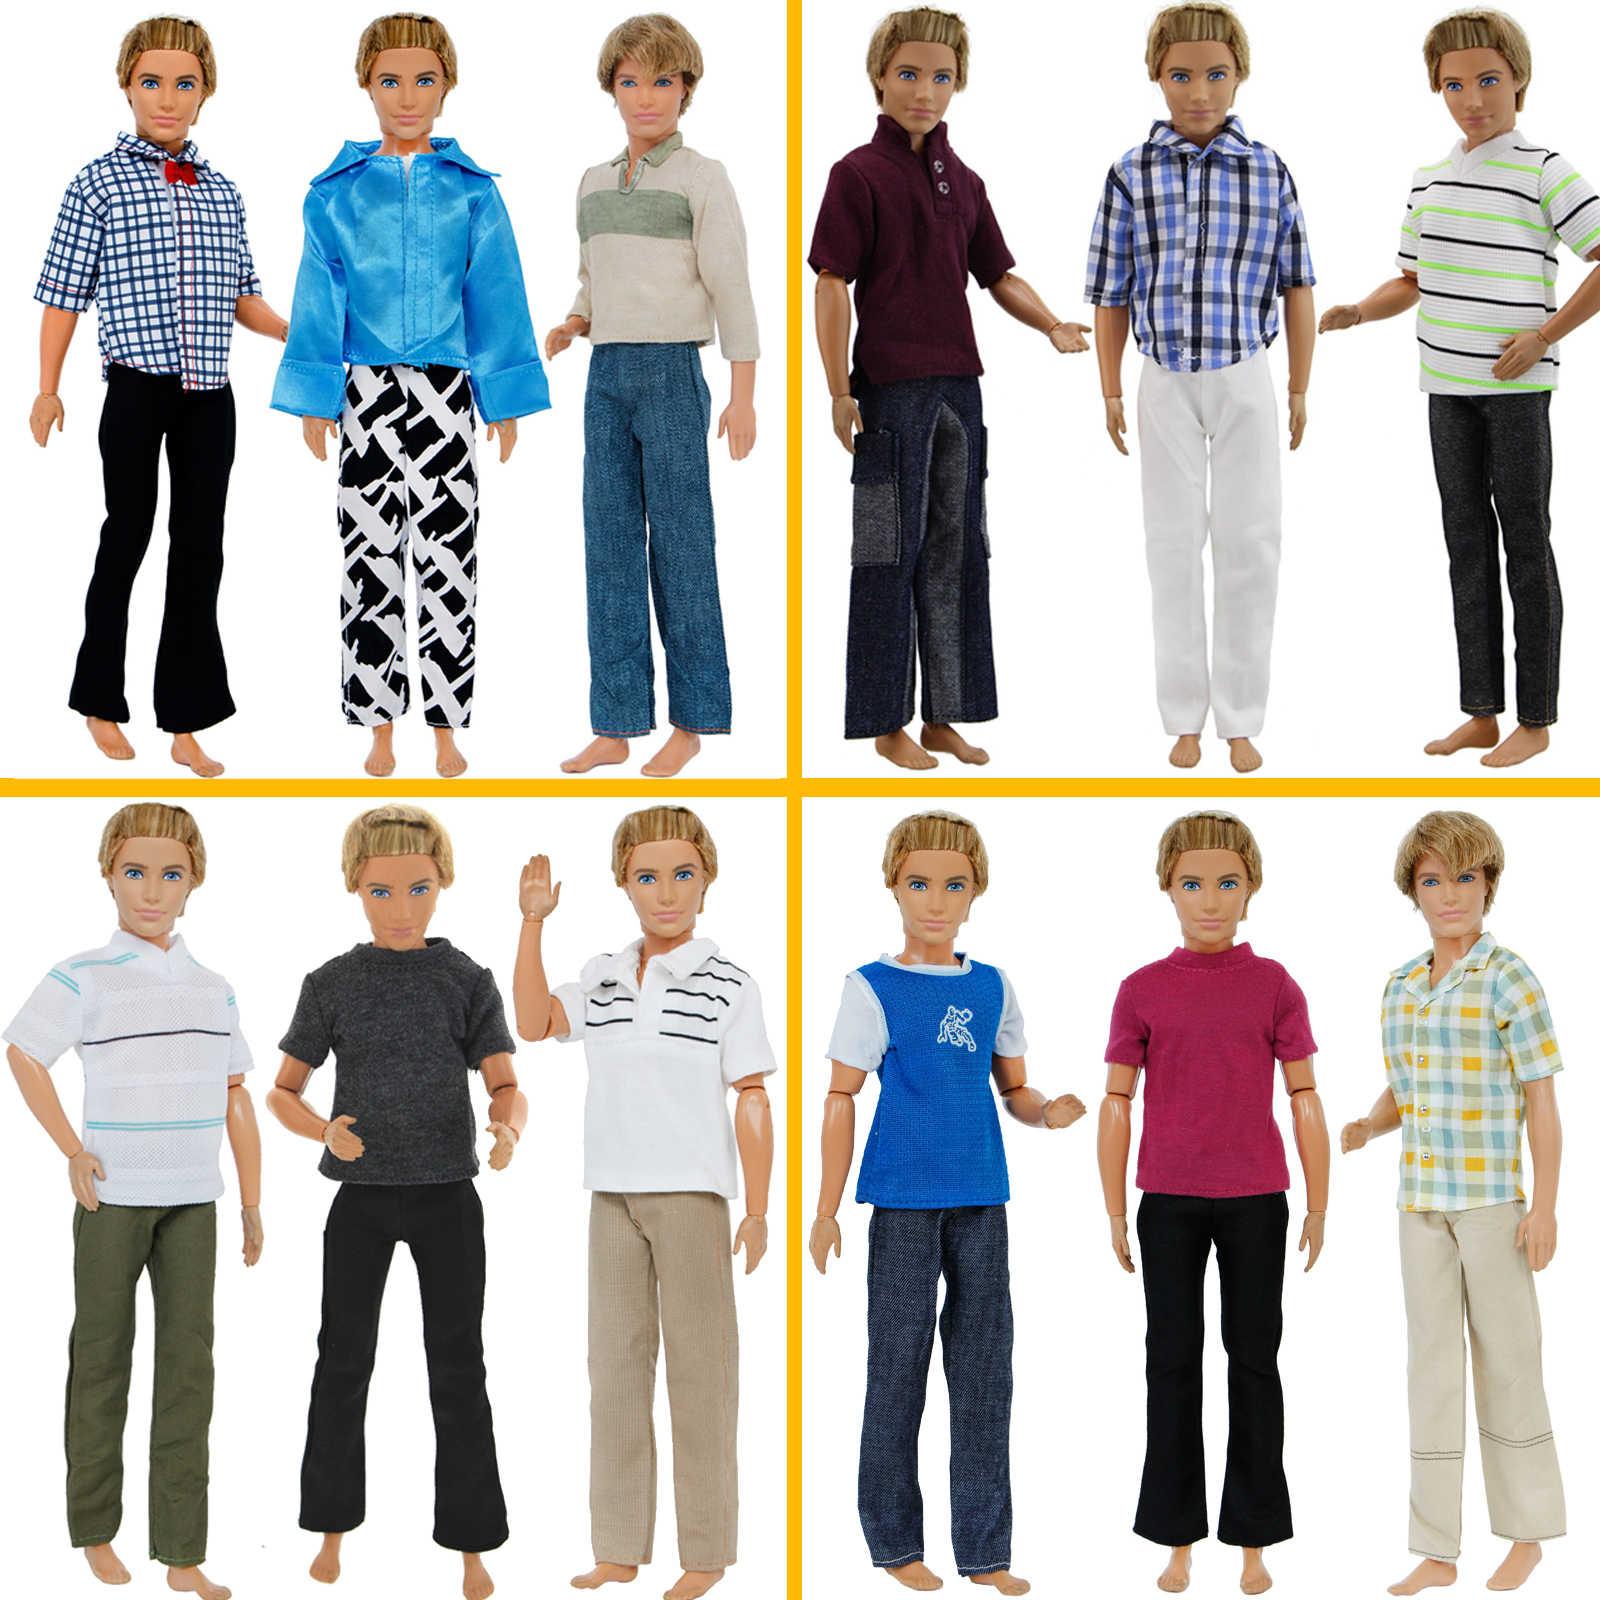 3 комплекта, Мужская одежда, брюки + топы, клетчатая полосатая футболка, аксессуары для кукол, модная одежда для куклы Барби, одежда для Кена, подарки